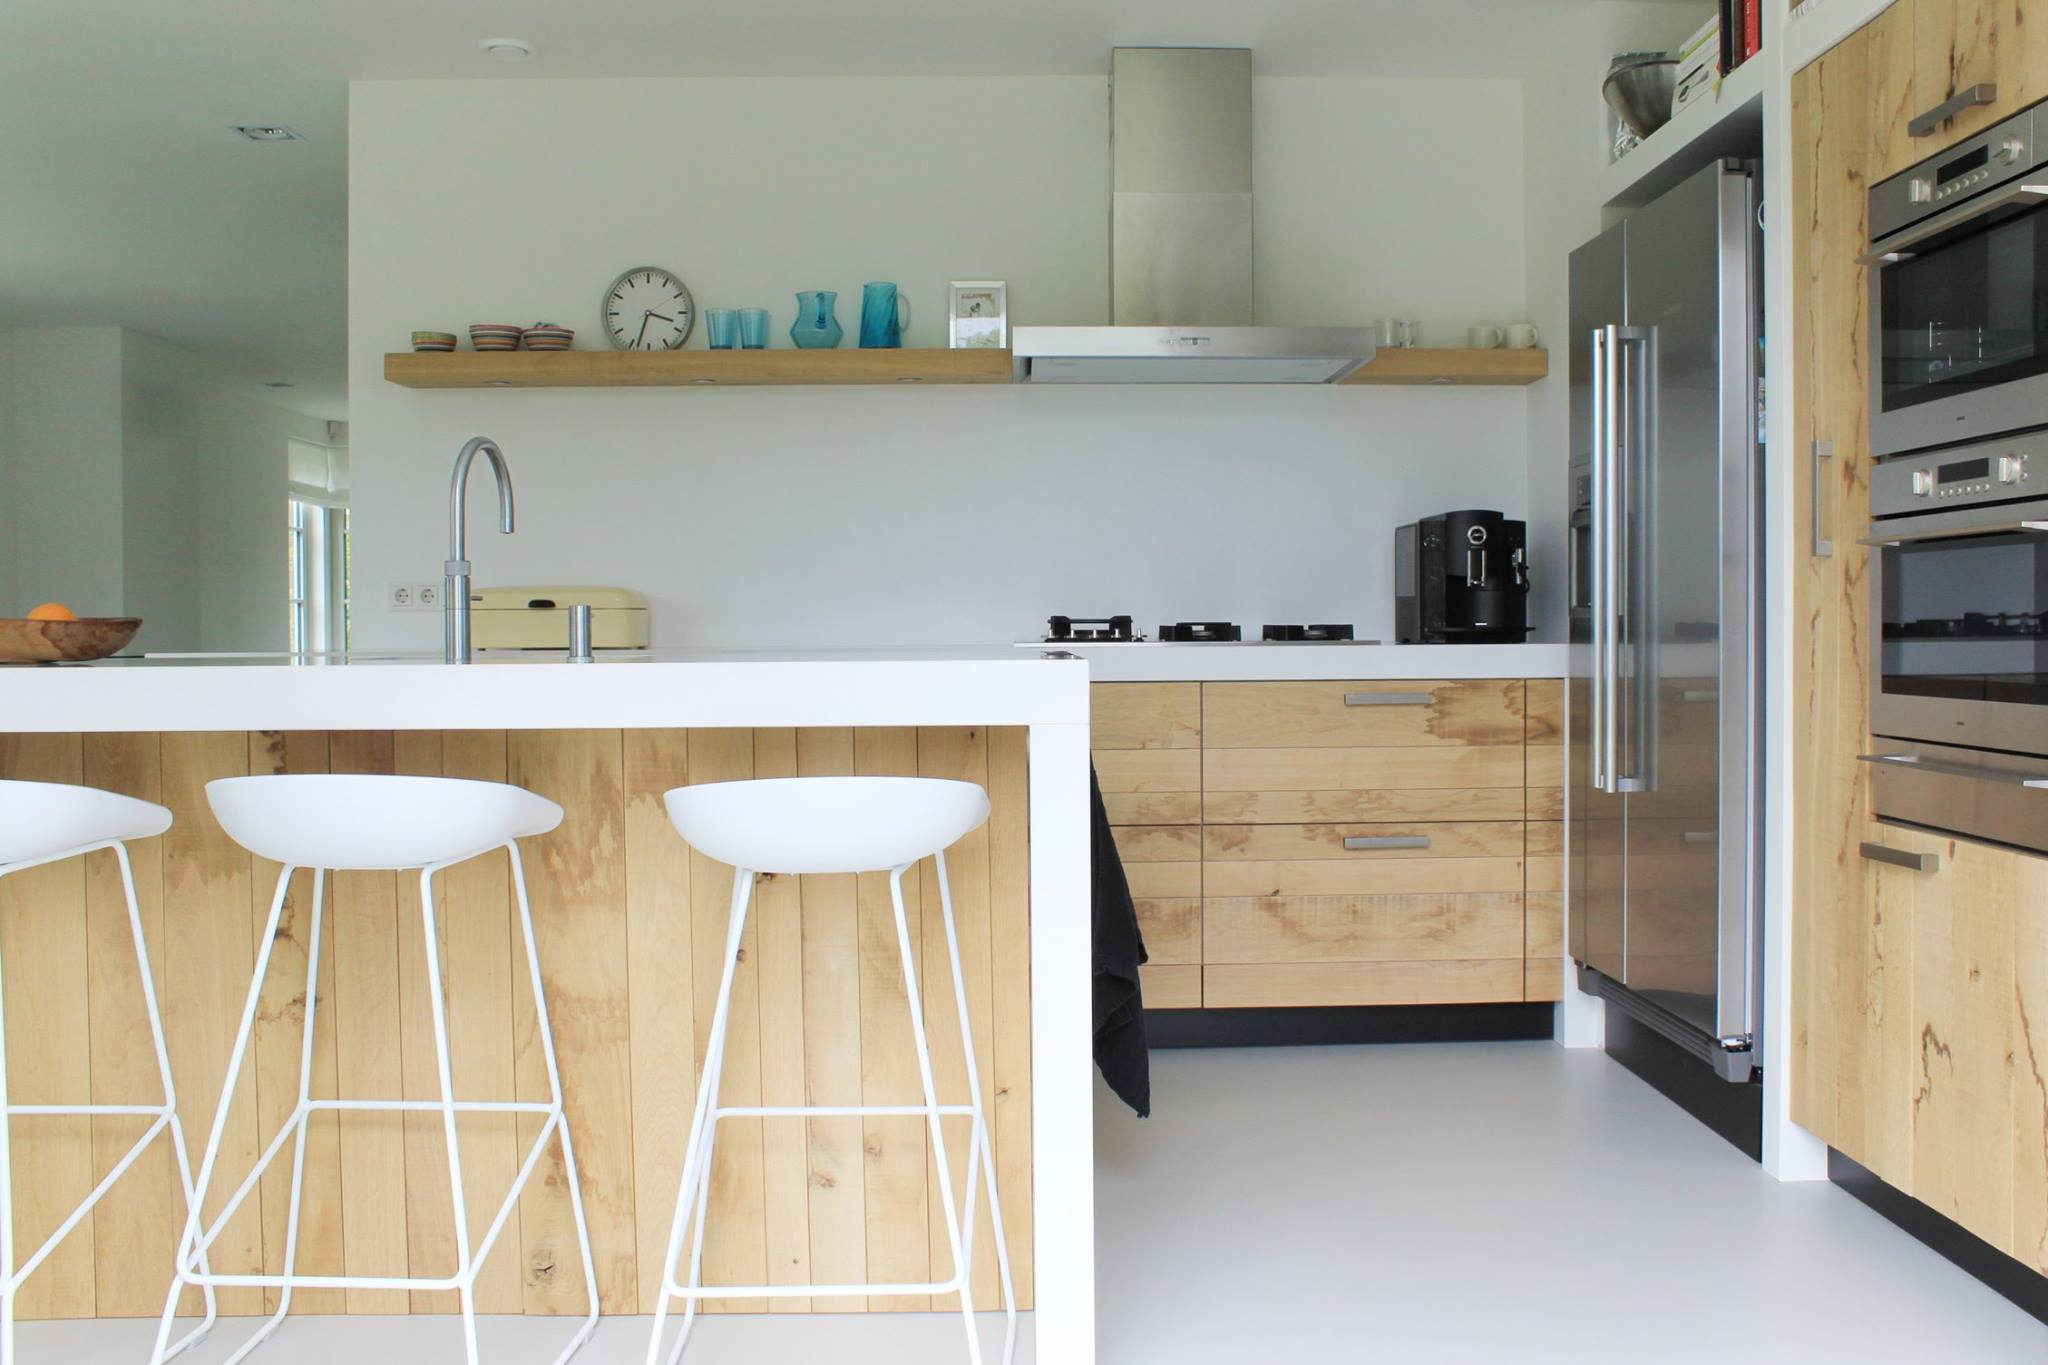 Moderne ruw eiken houten keukens met wit keukenblad nieuws startpagina voor keuken idee n uw - Witte keuken en hout ...